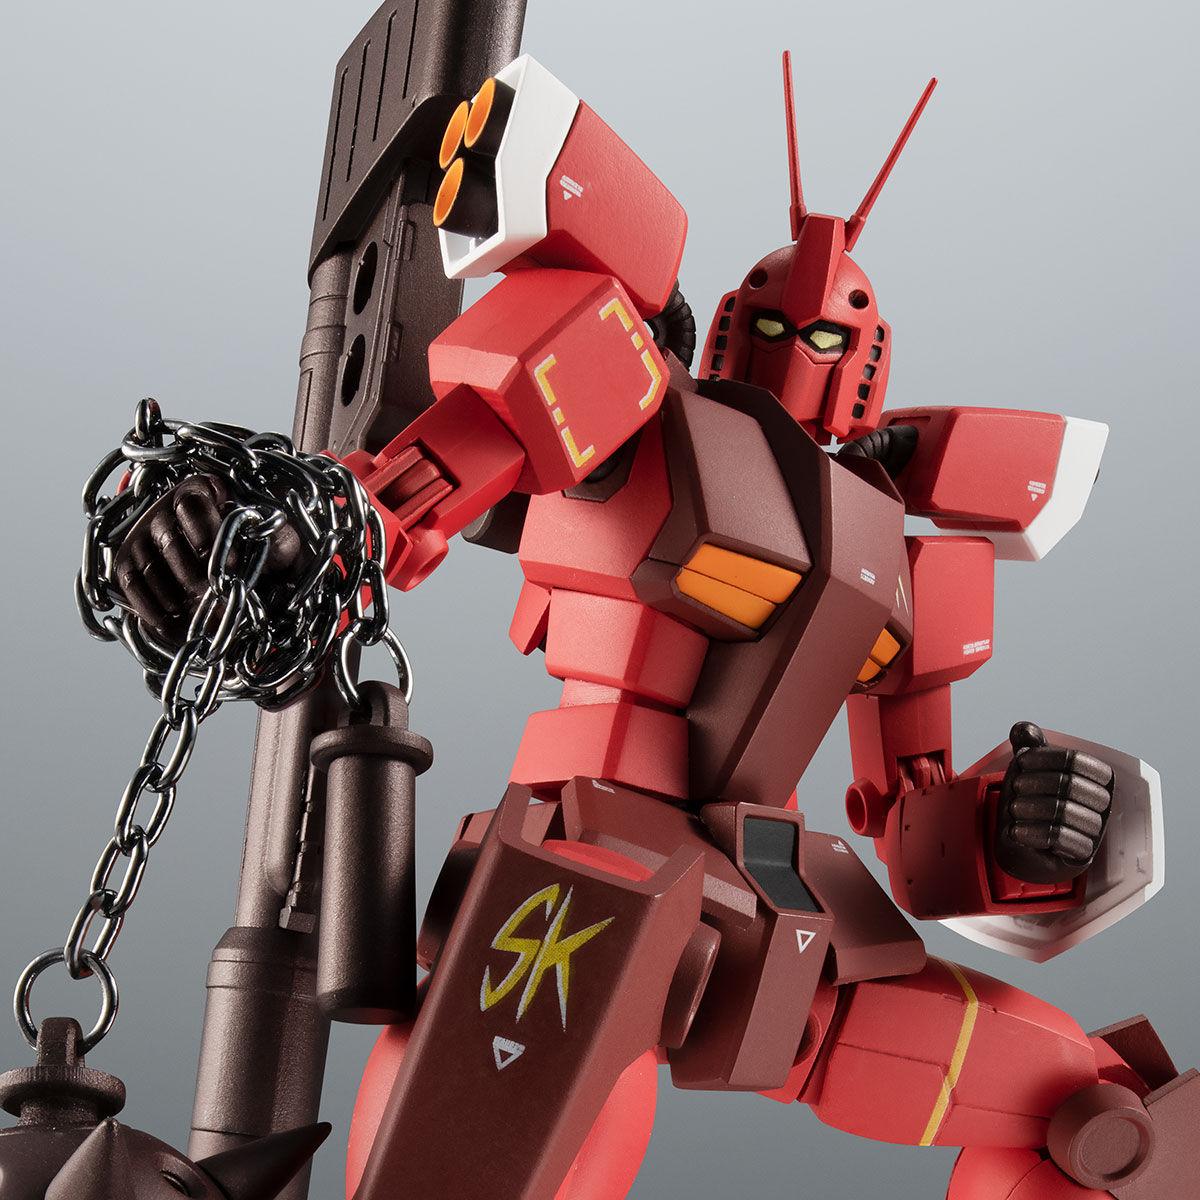 【限定販売】ROBOT魂〈SIDE MS〉『PF-78-3 パーフェクトガンダムIII(レッドウォーリア)ver. A.N.I.M.E.』プラモ狂四郎 可動フィギュア-001